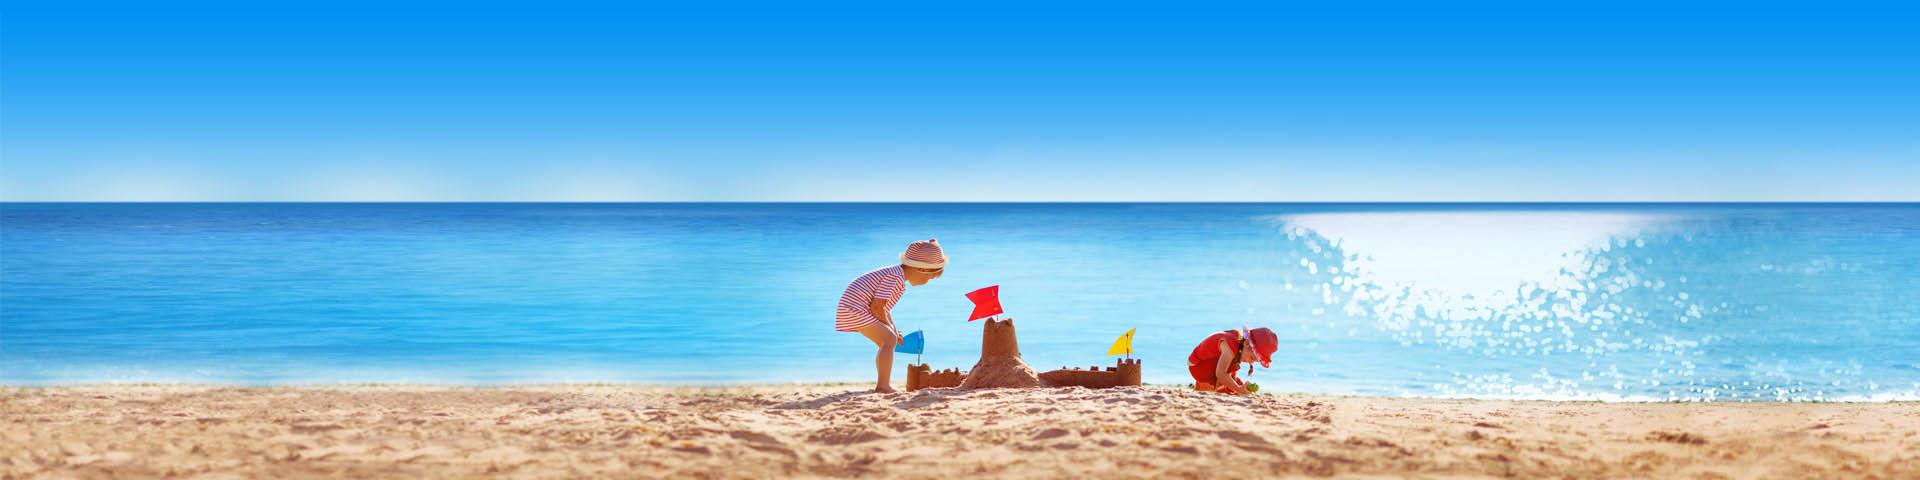 Kinderen spelen in het zand op het strand met zandkasteel